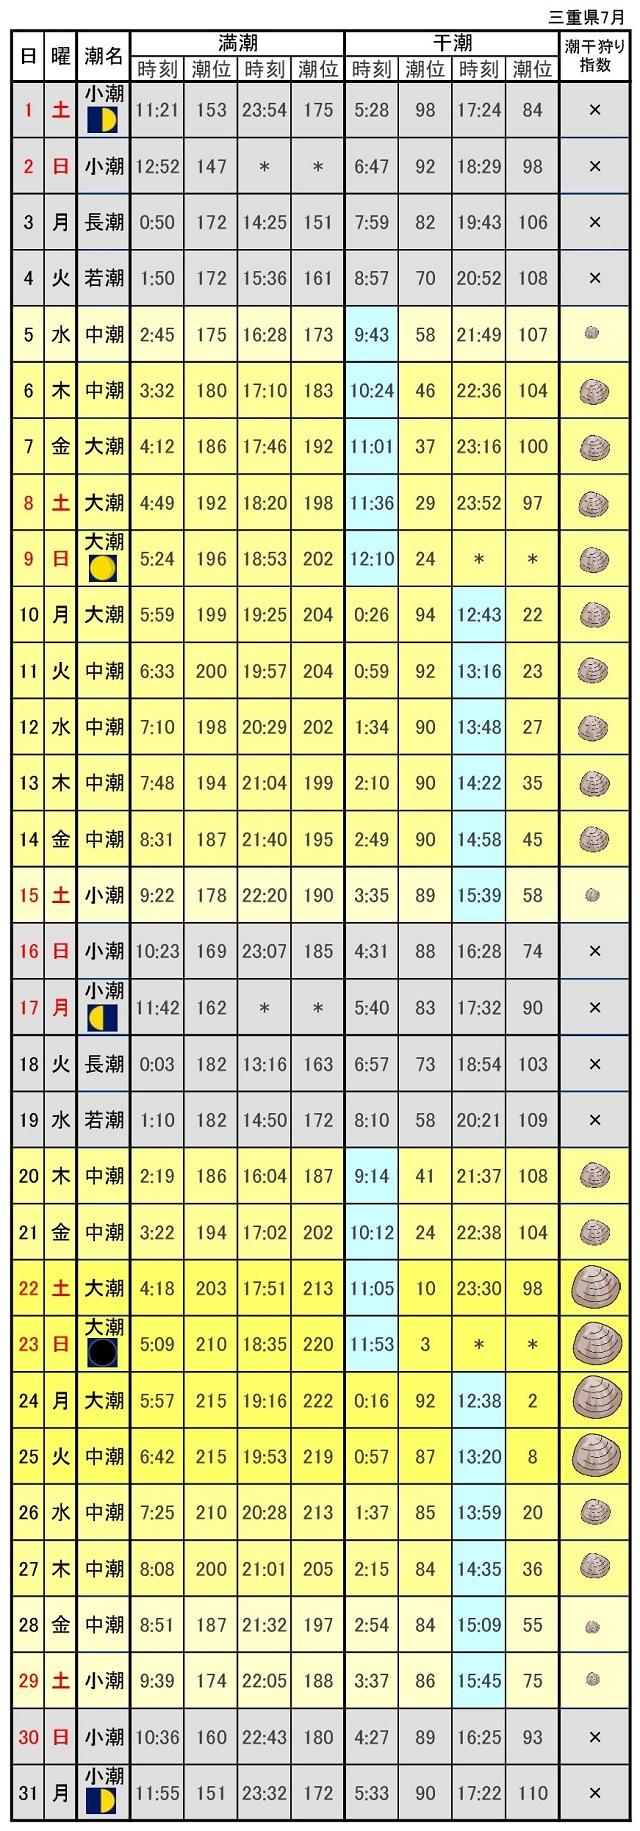 三重県潮干狩りカレンダー2017年7月